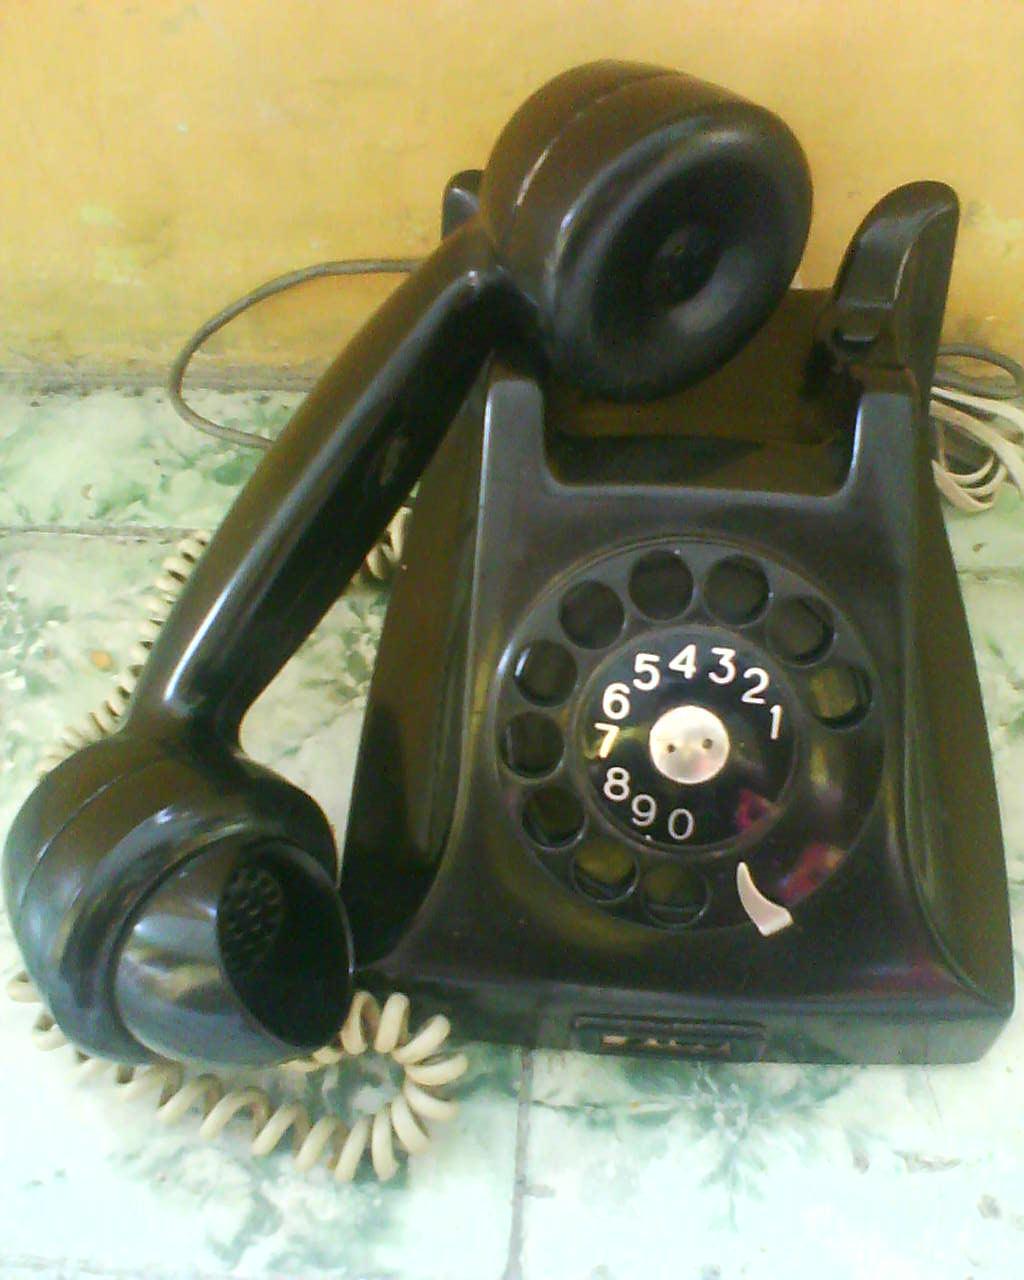 Macam Macam Telepon : macam, telepon, GOEBOEG, DJADOEL